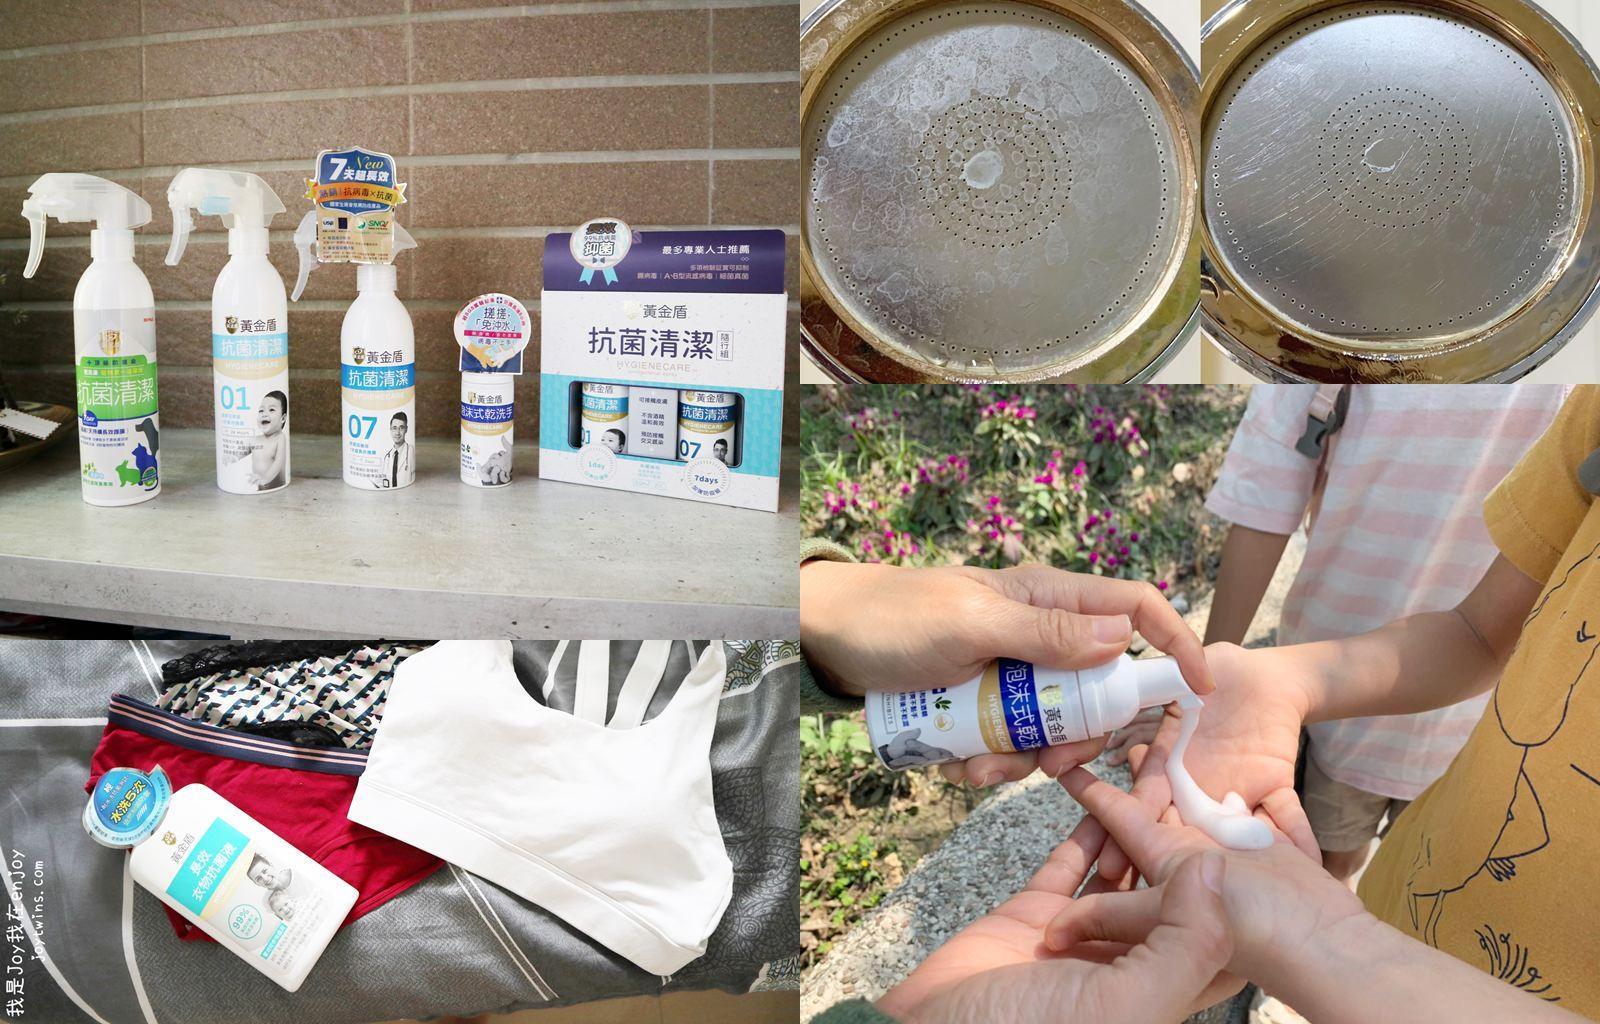 黃金盾 抗菌噴霧 抗菌專家 溫和有效 長效安心與防護 (抗菌消毒首選)